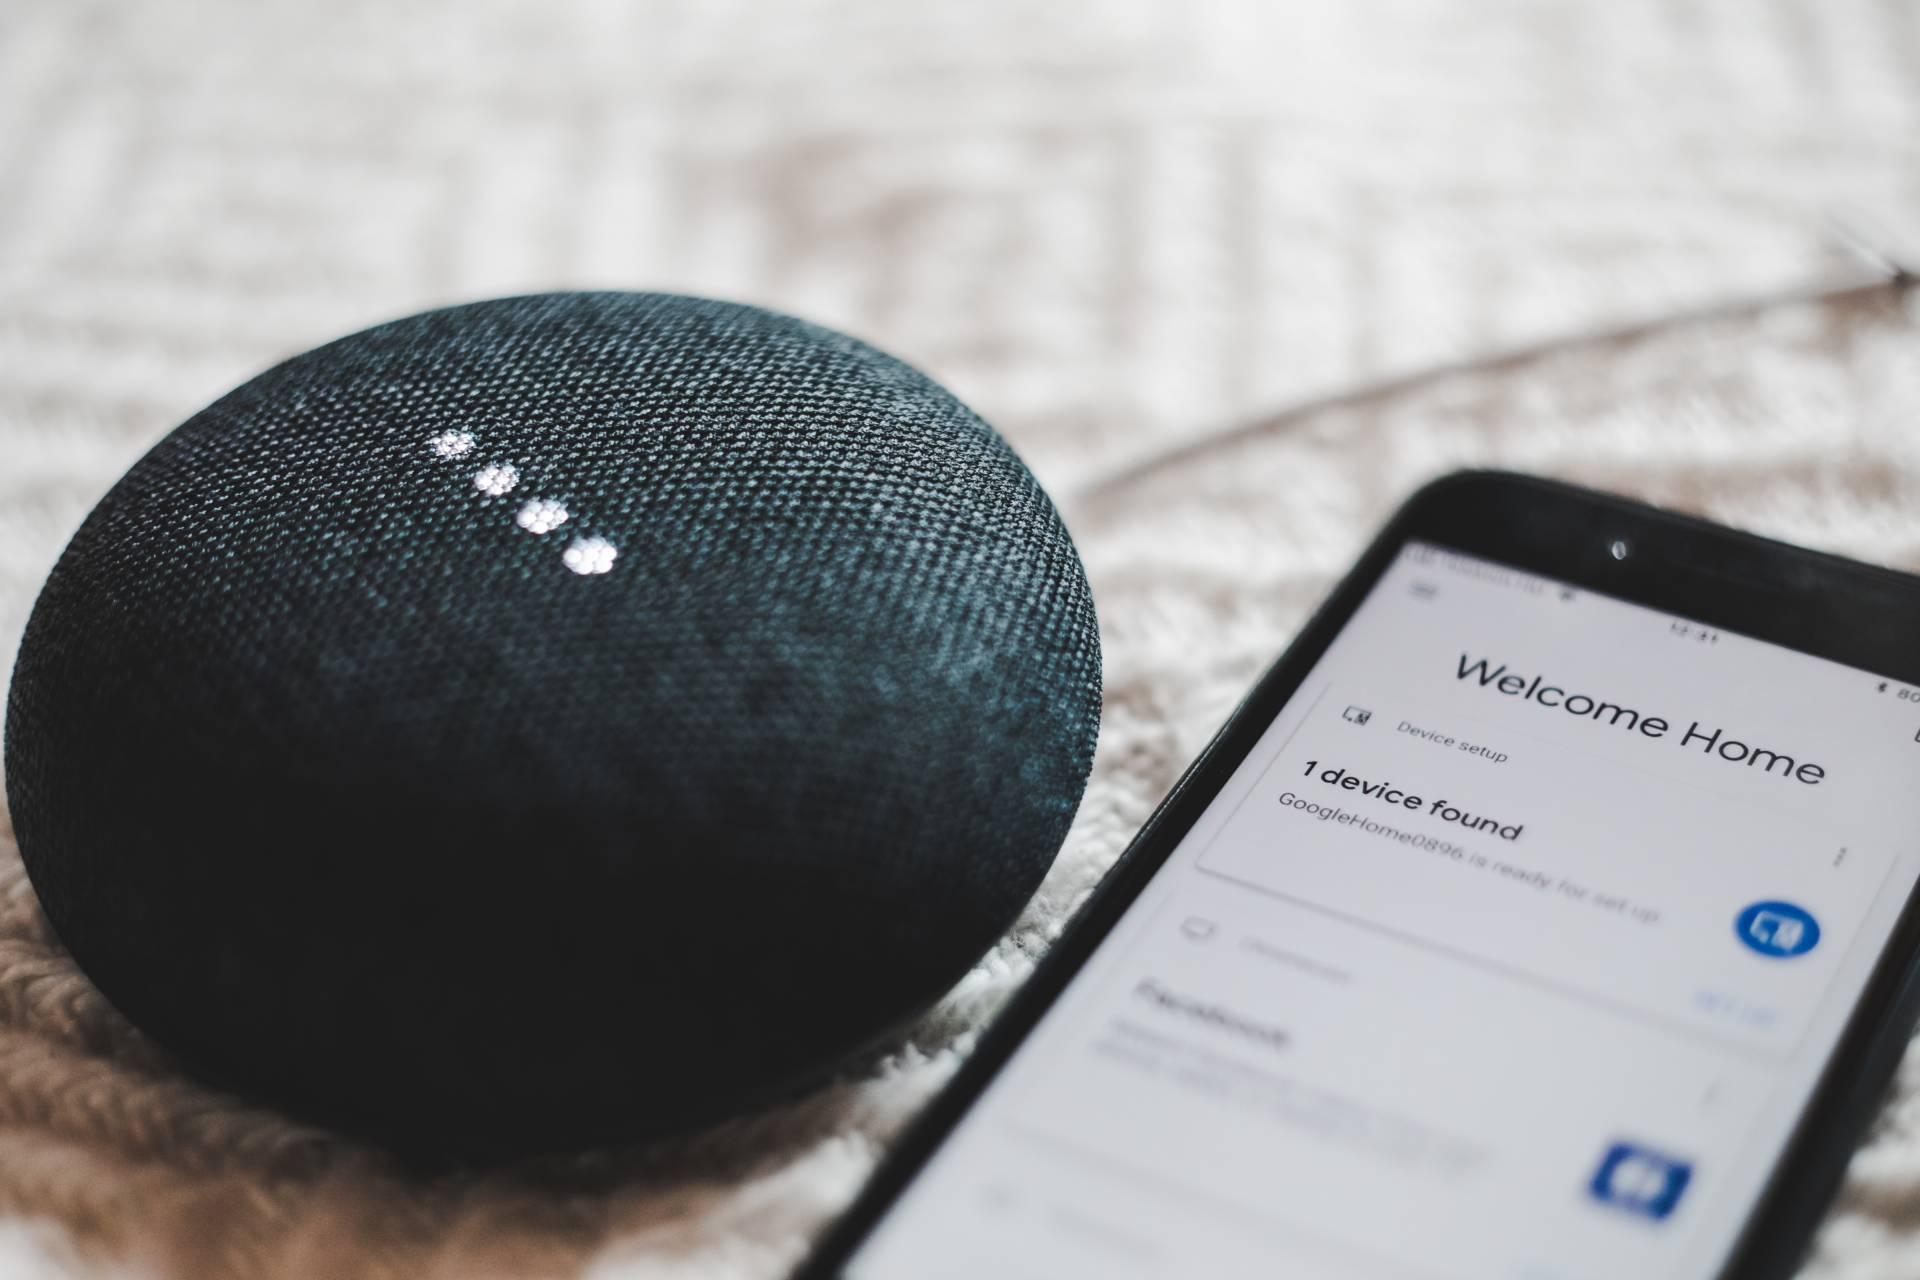 Consigli acquisti Fantacalcio: l'aiuto ora arriva da Google